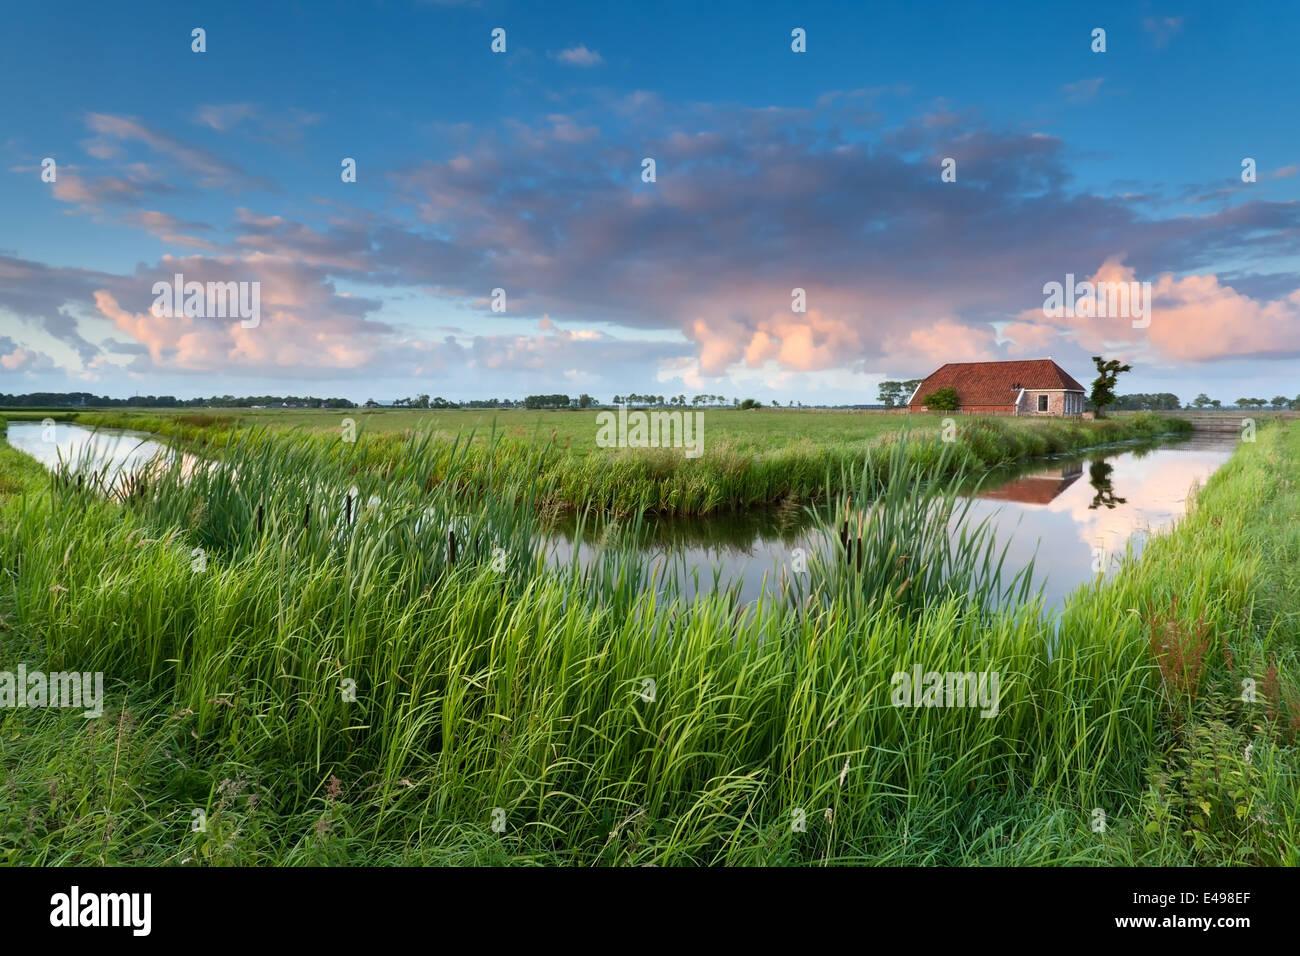 Charmante ferme par la rivière au coucher du soleil, Pays-Bas Photo Stock